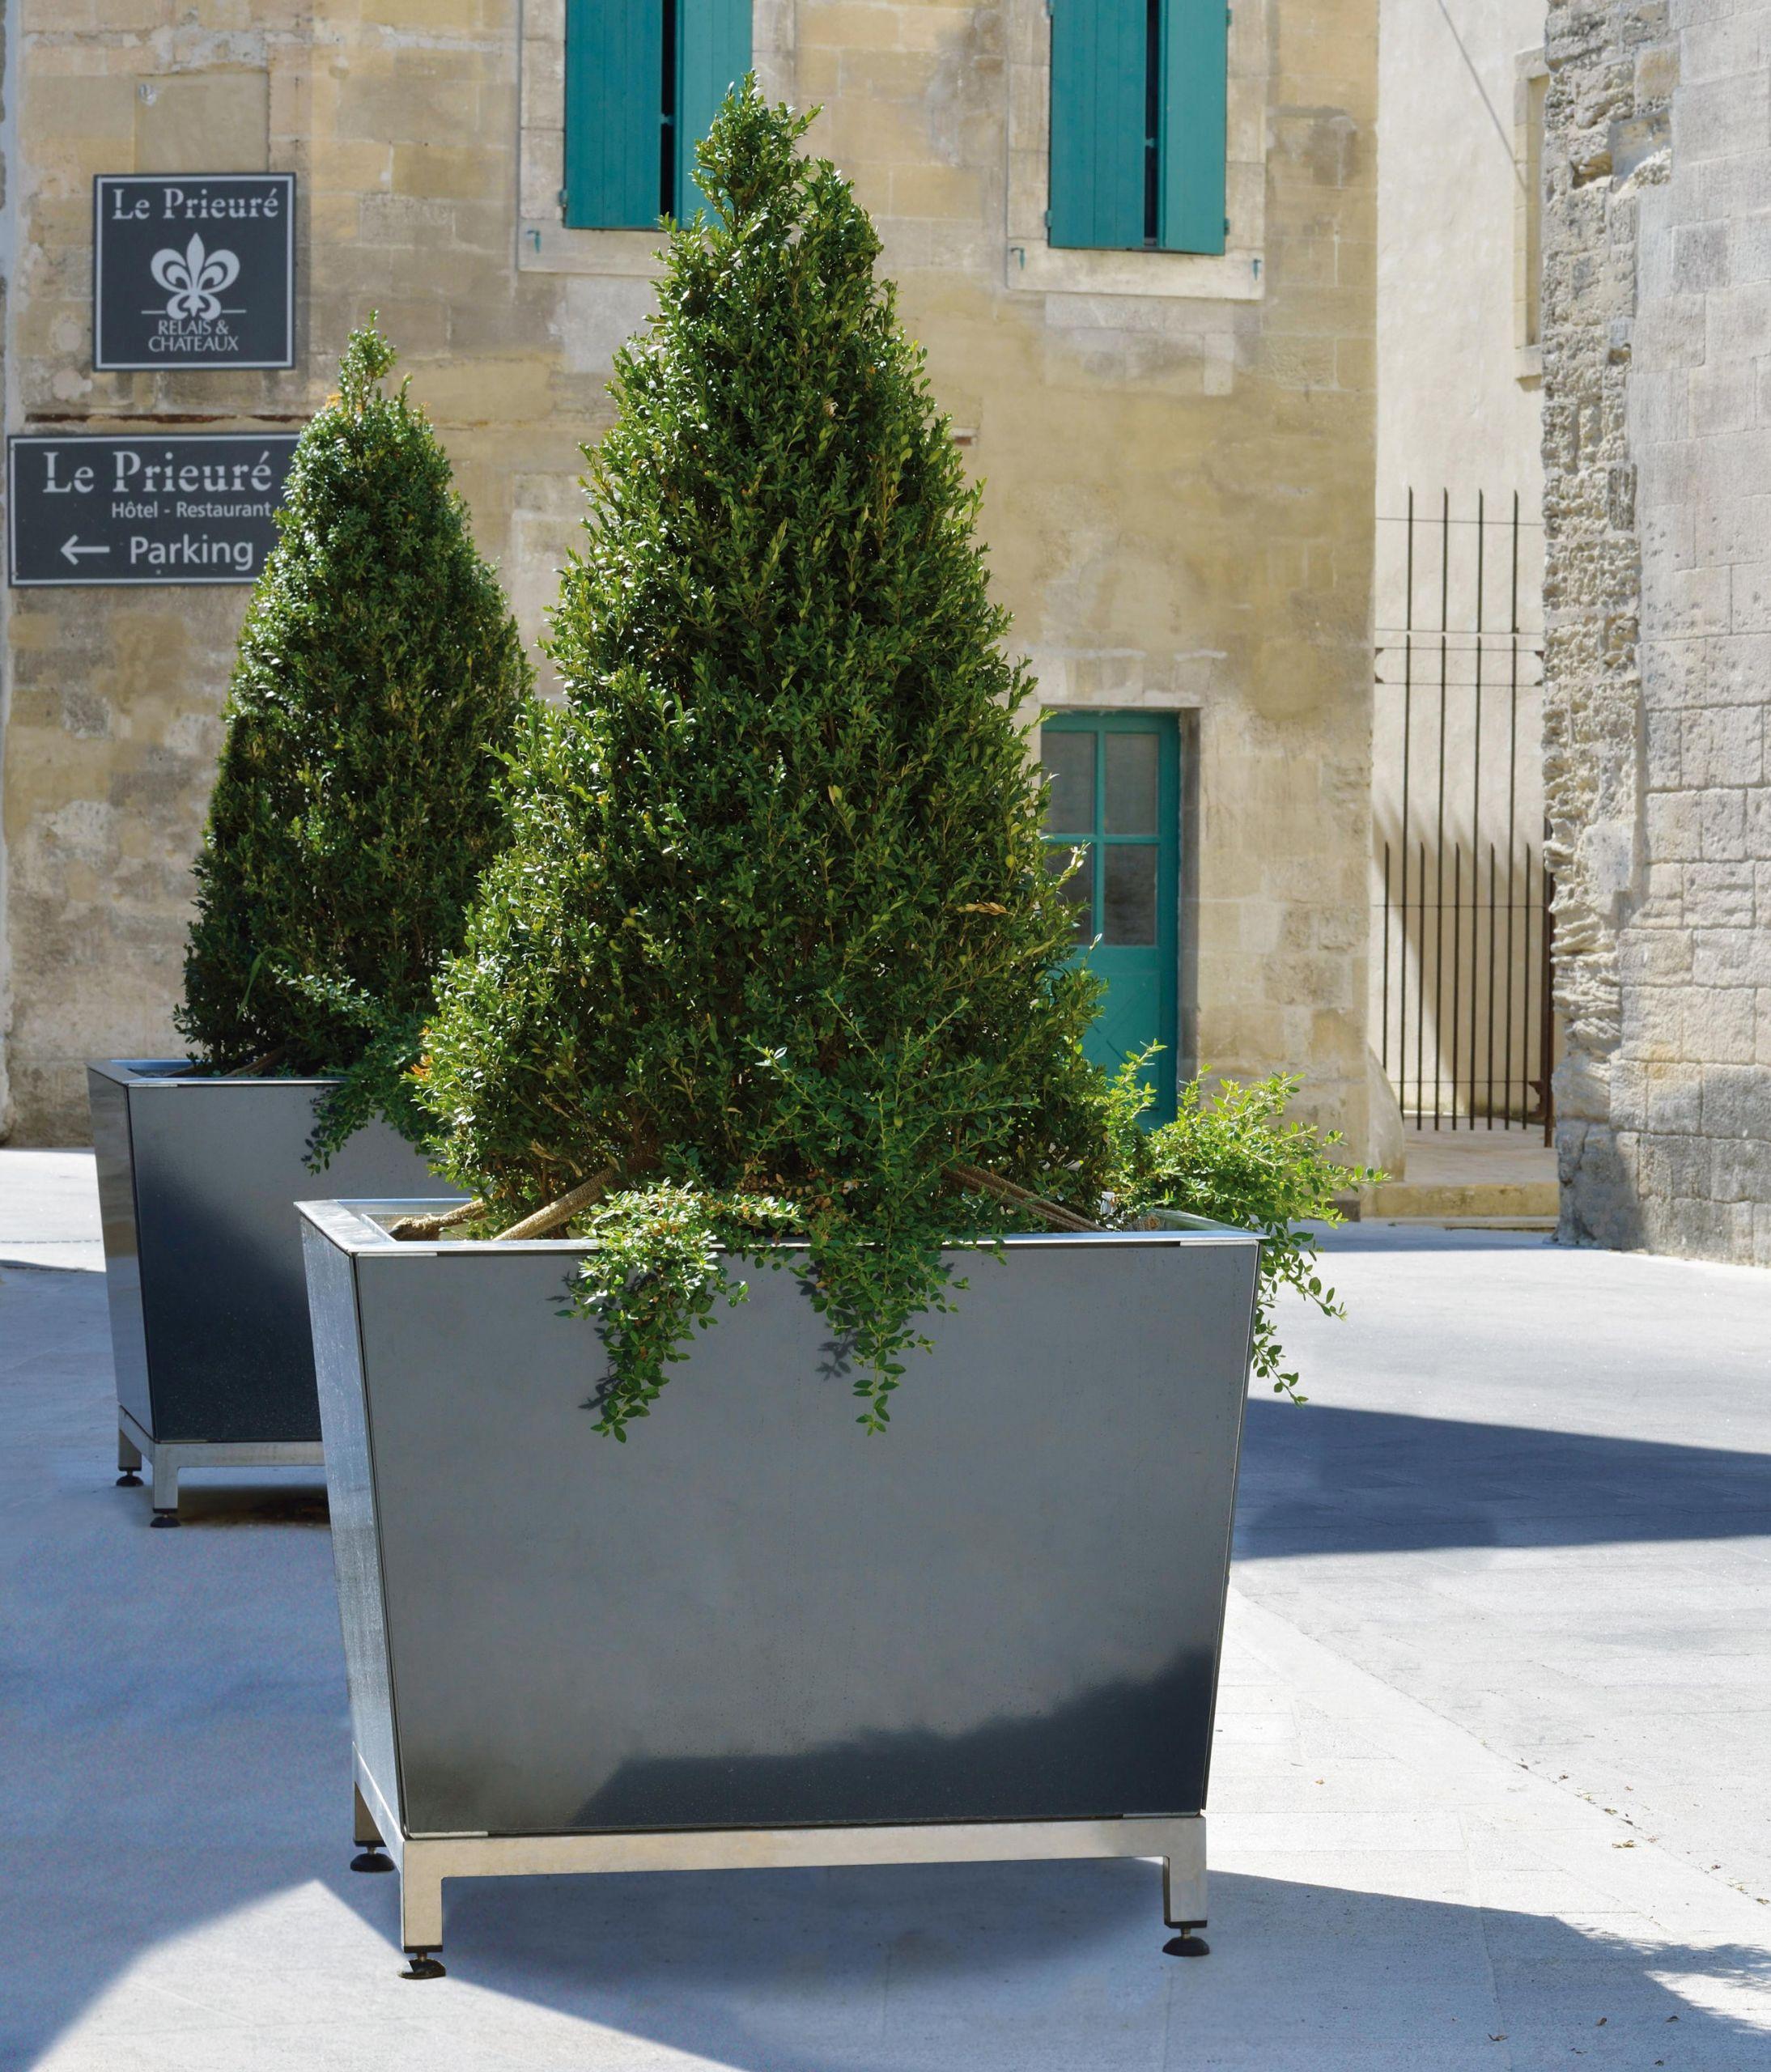 kobe pflanzenkubel pflanzgefase von area blumentopfe terrasse of blumentopfe terrasse scaled